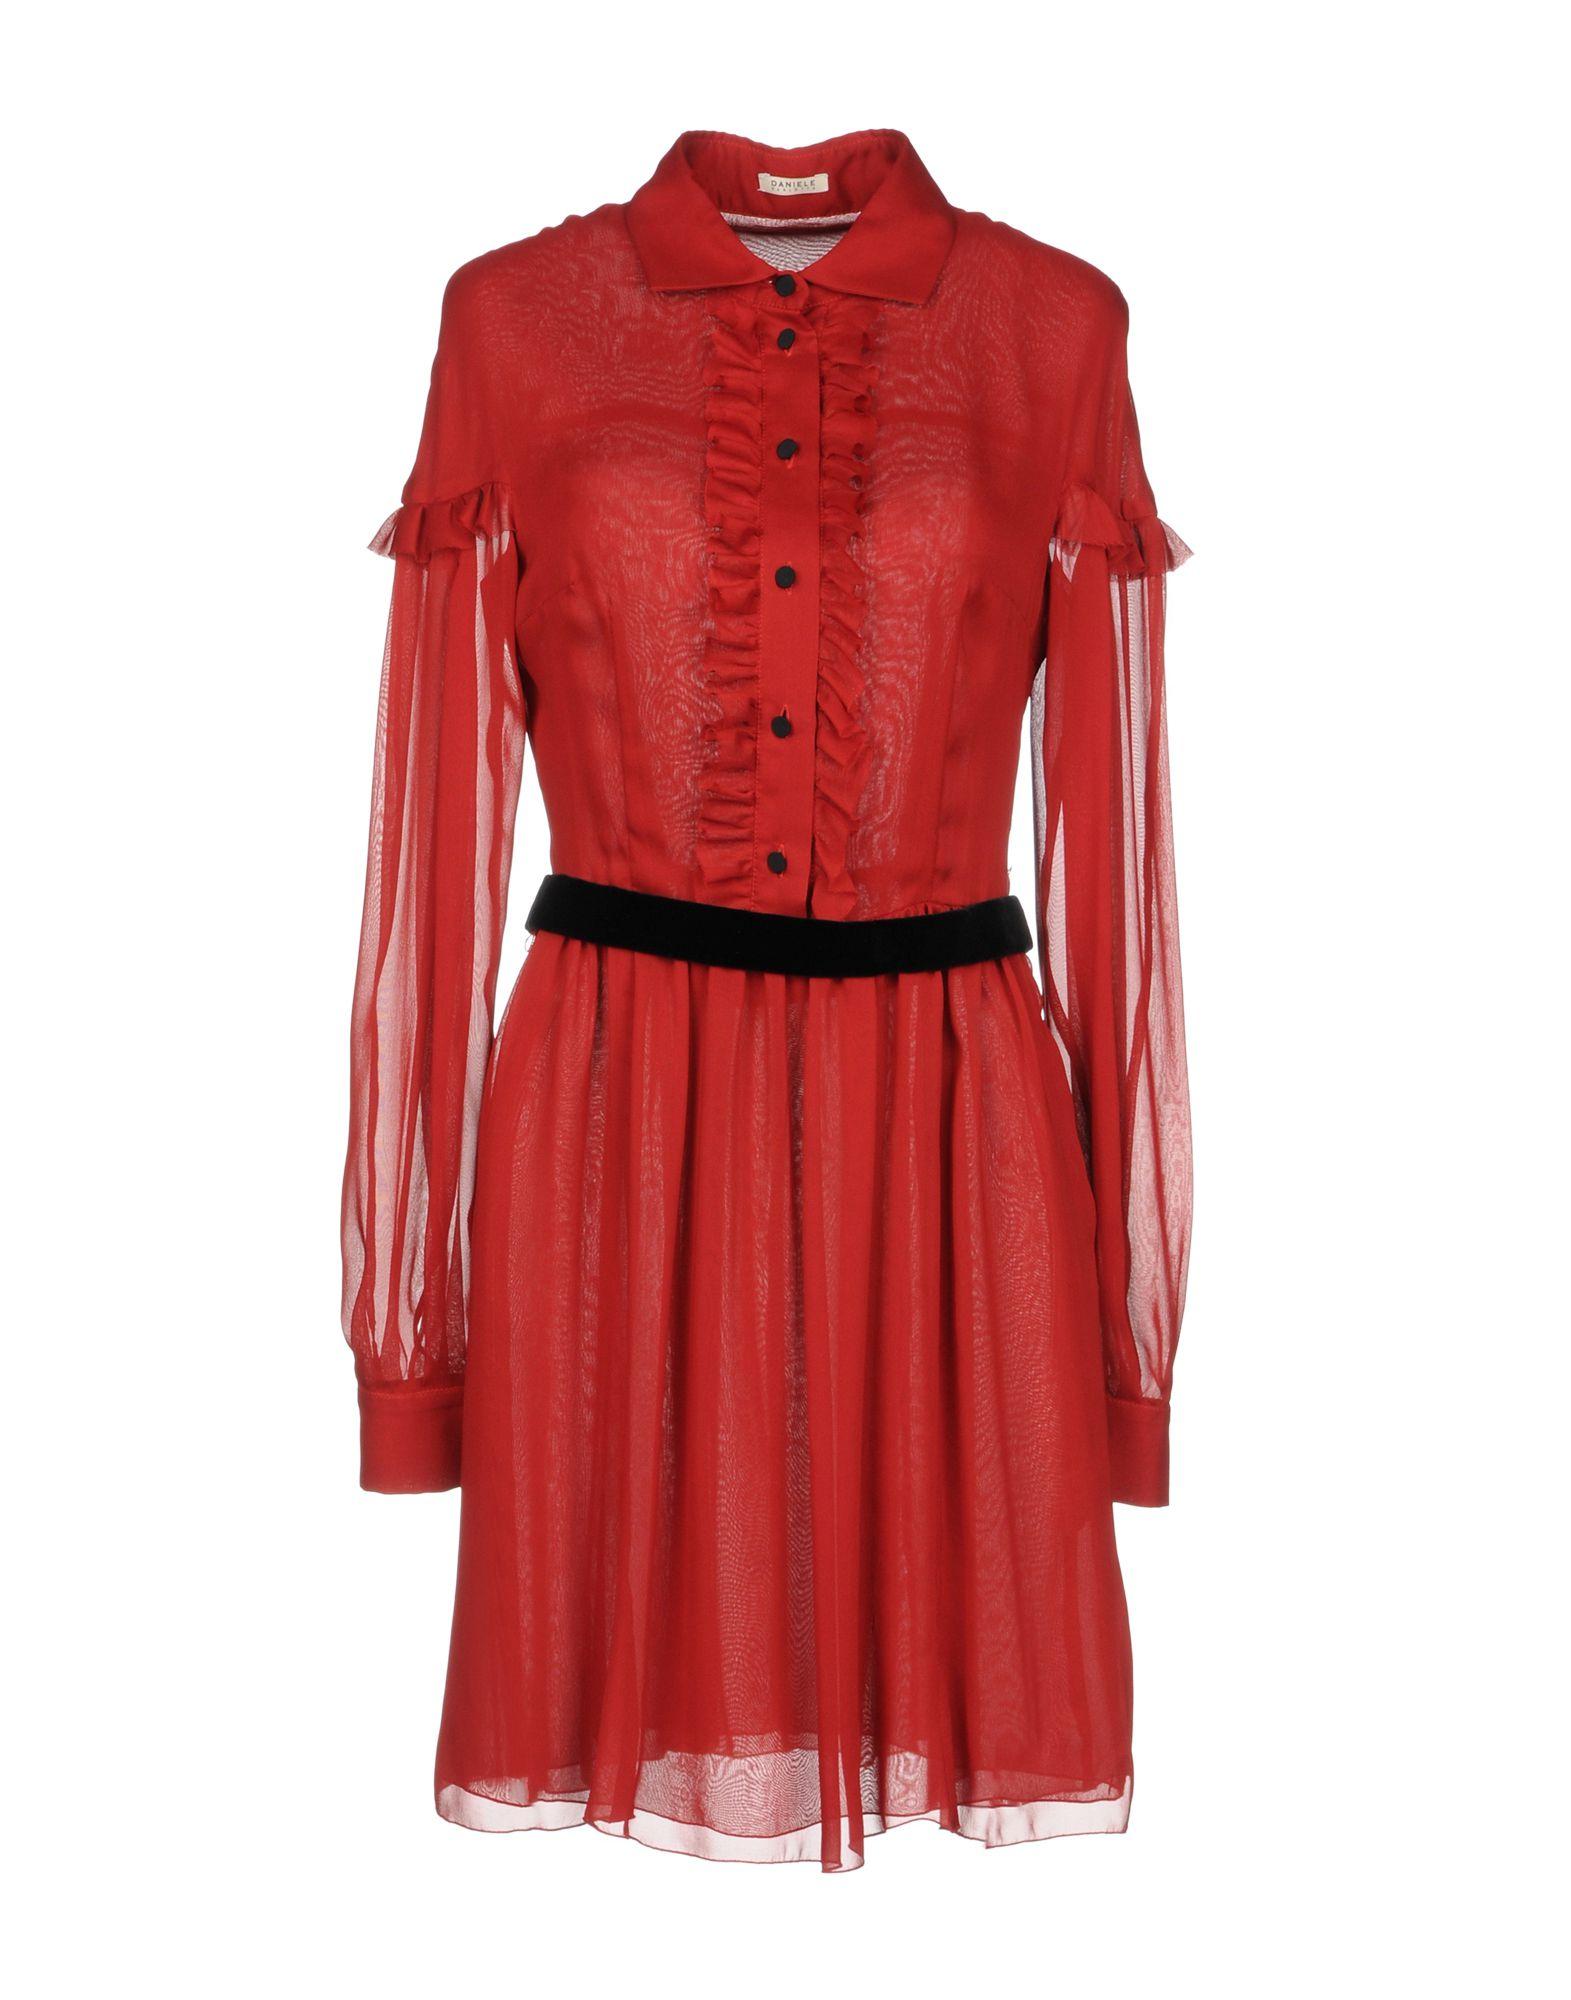 DANIELE CARLOTTA Shirt Dress in Red